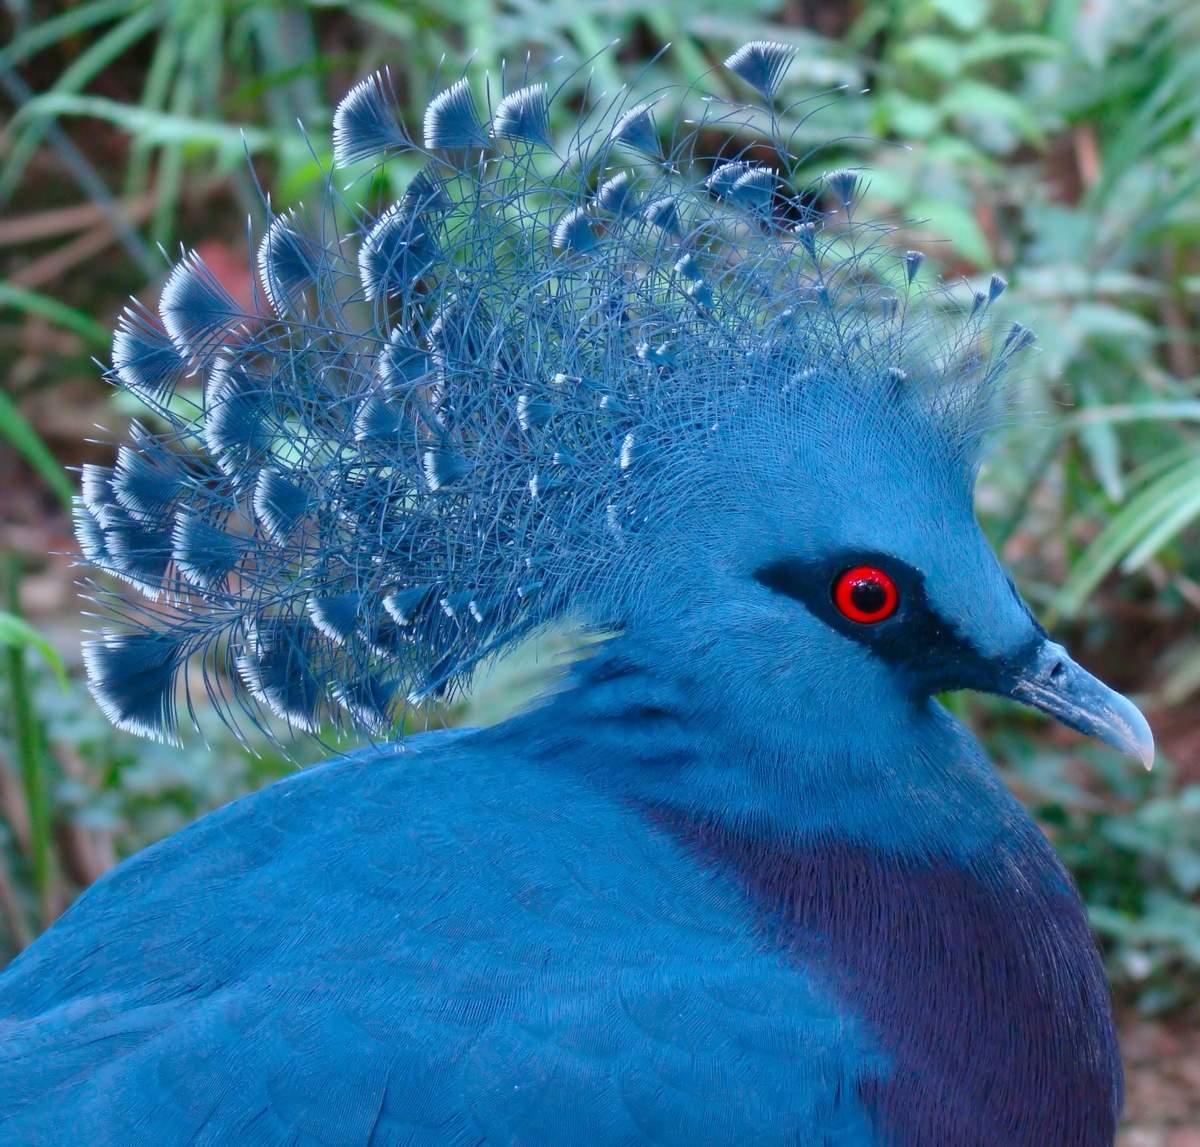 Венценосный голубь — птица неземной красоты, которая может вырасти размером с индейку